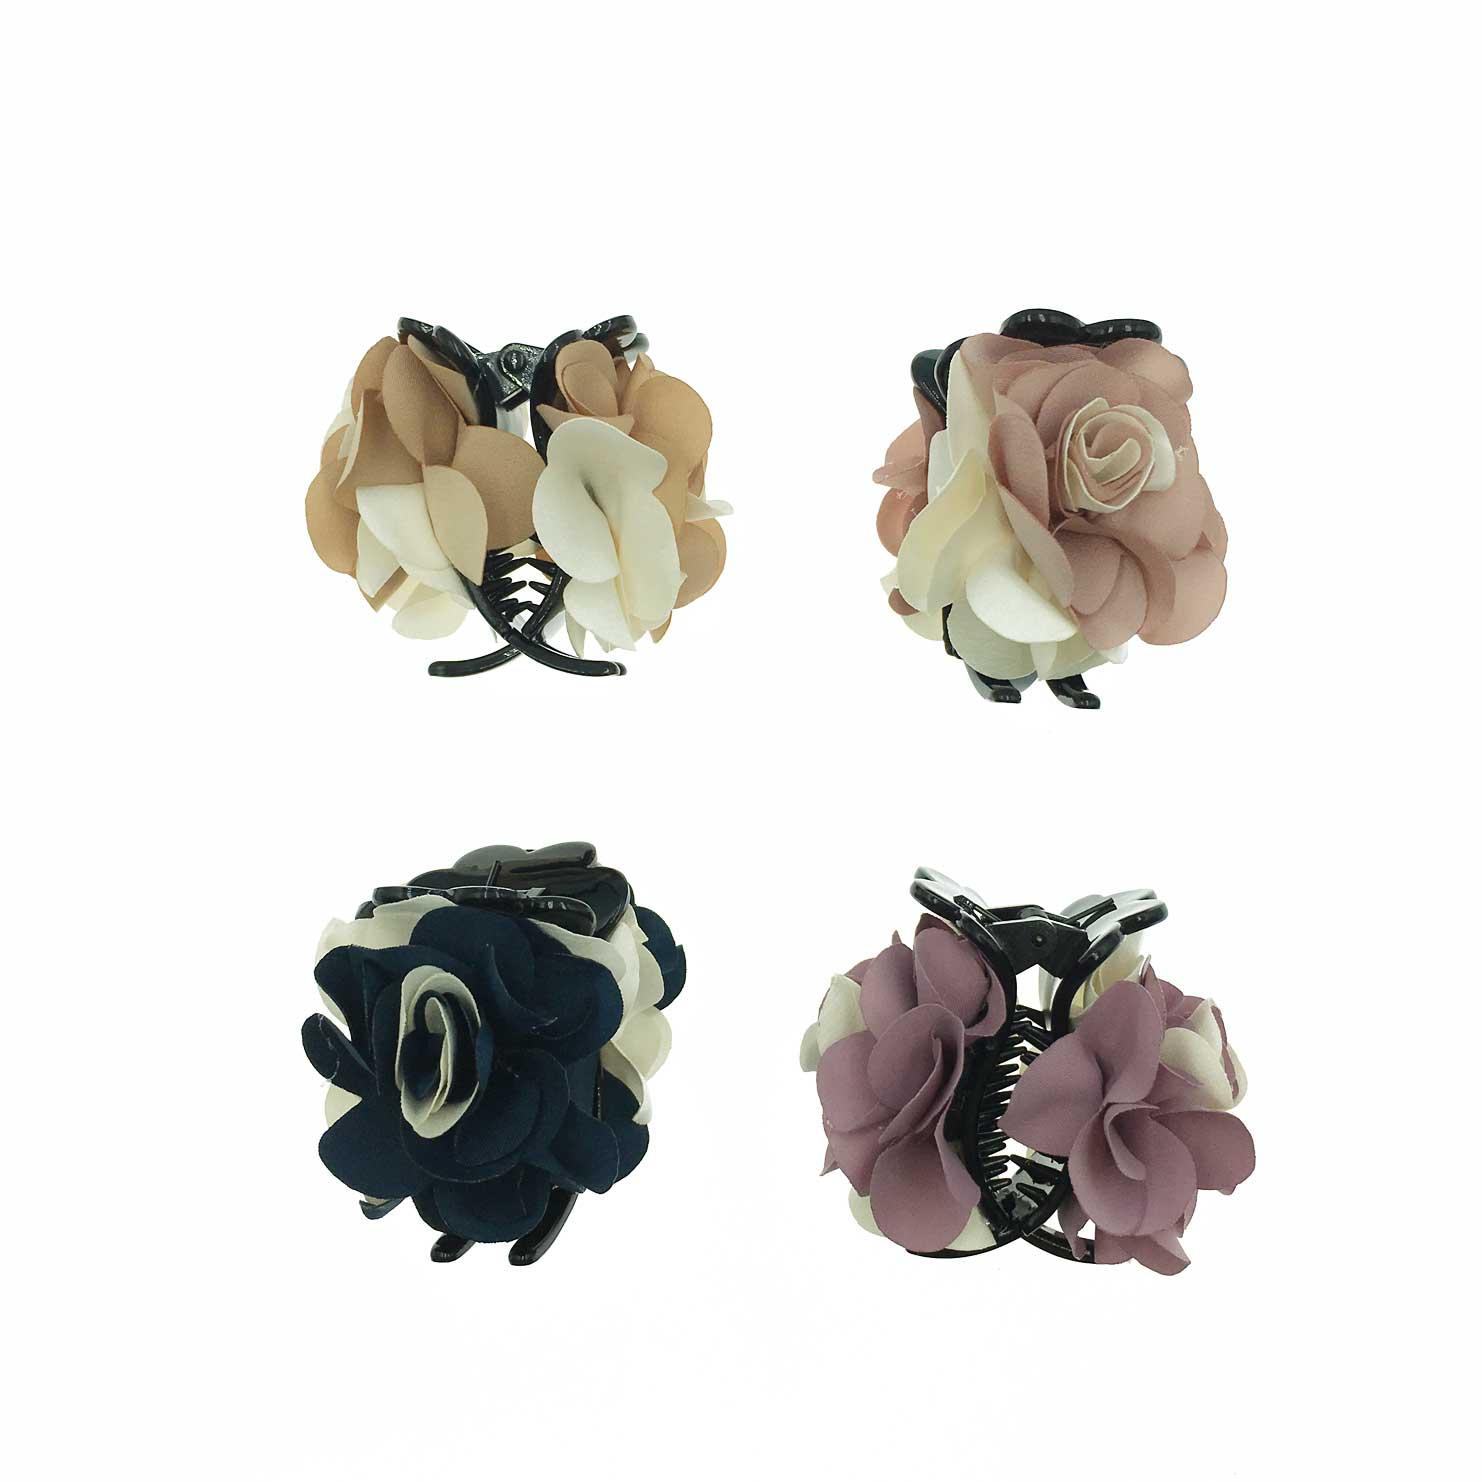 韓國 花卉系 雙色 玫瑰花 復古感 4色 鯊魚夾三爪夾